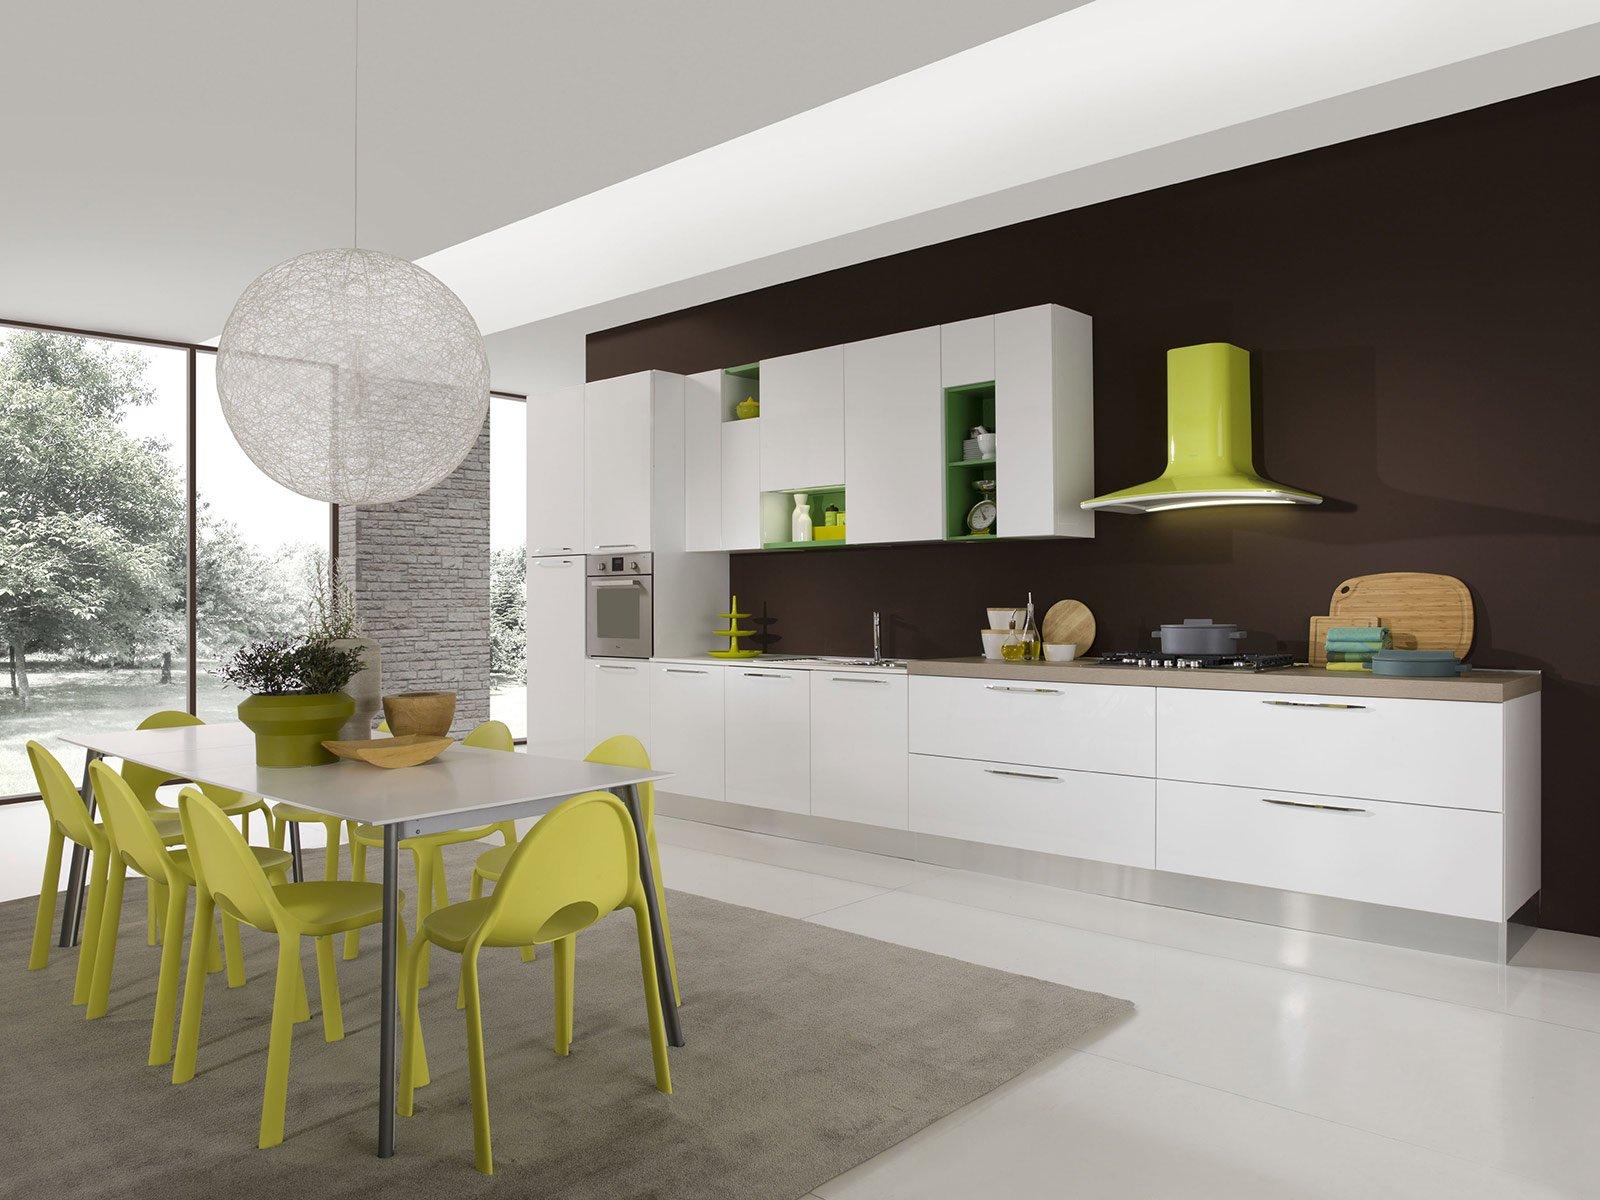 un dosato equilibrio di pieni e vuoti caratterizza la composizione in linea della cucina in